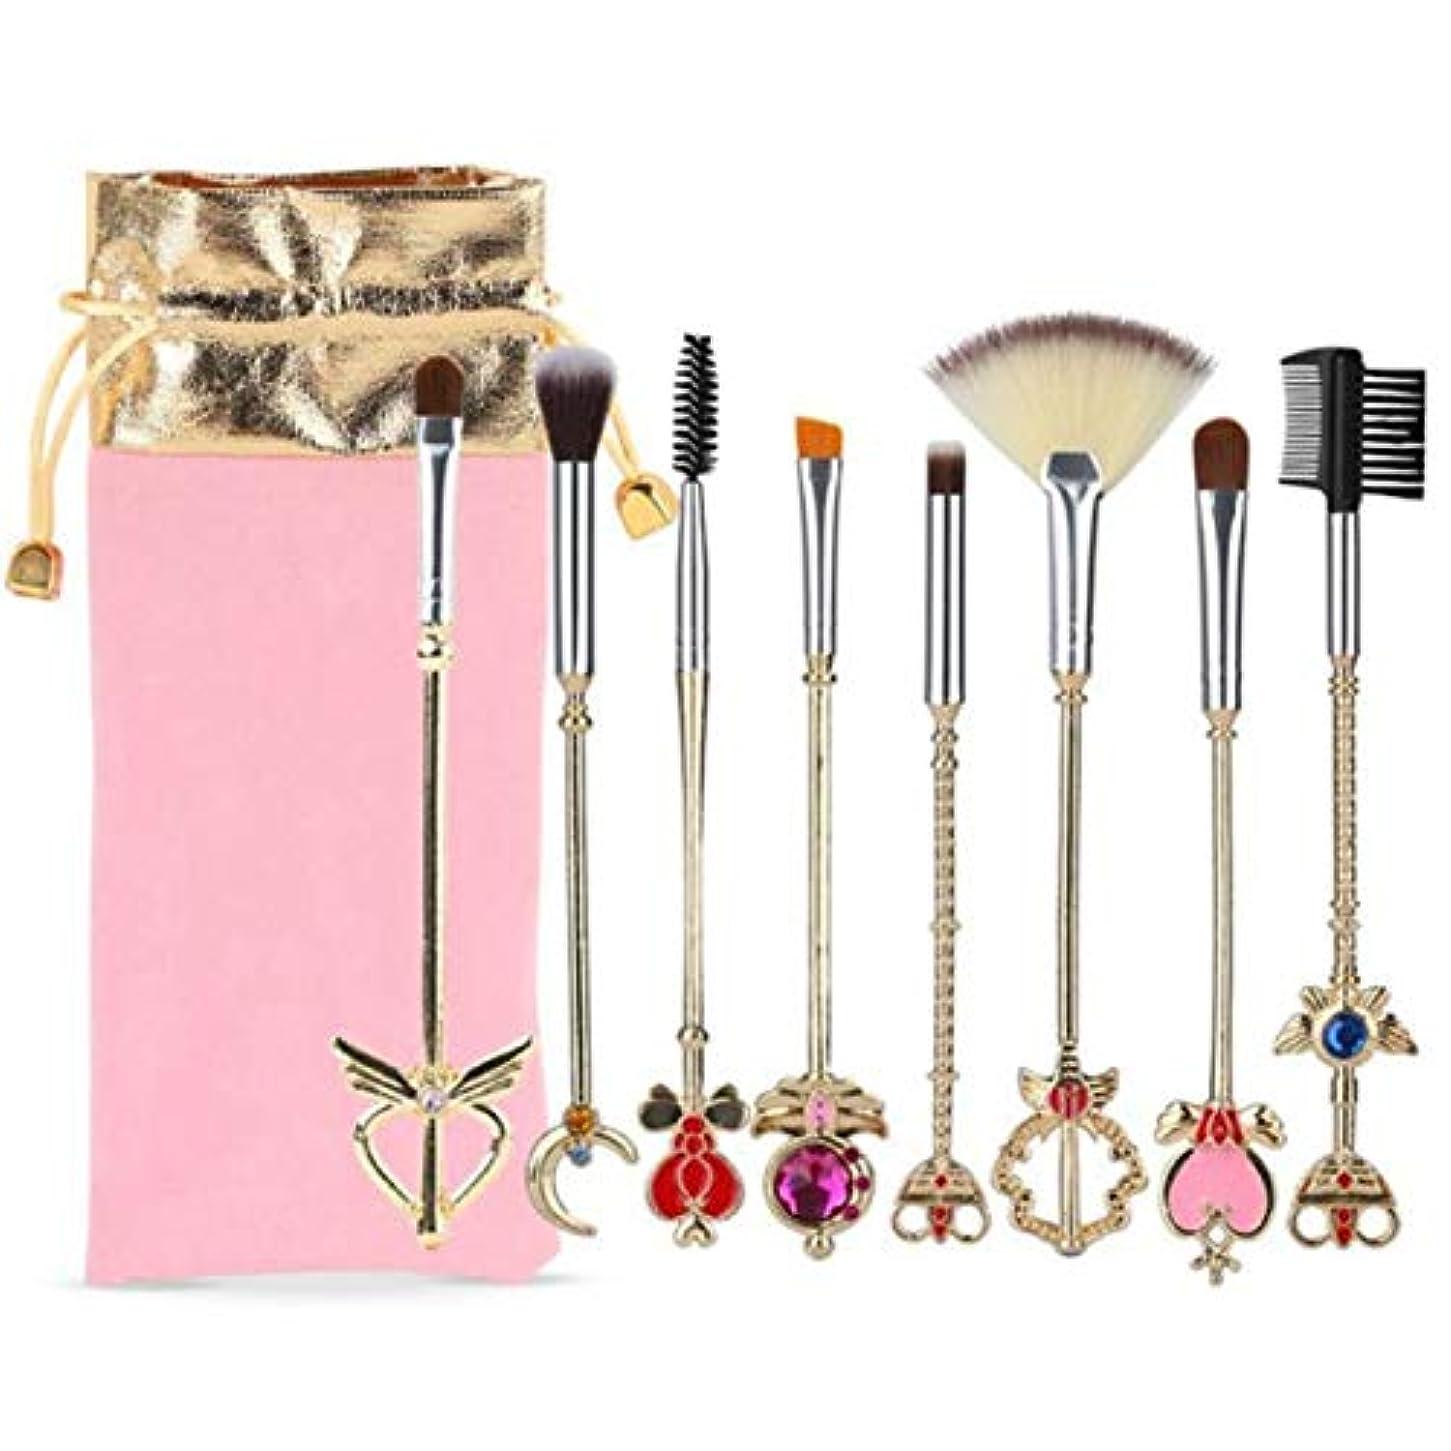 費用後悔流行しているサリーの店 効果的な8 PCセーラームーン化粧ブラシは、ポーチ、魔法の女の子ゴールドcardcaptor桜の化粧品ブラシとセットをドローストリングバッグ